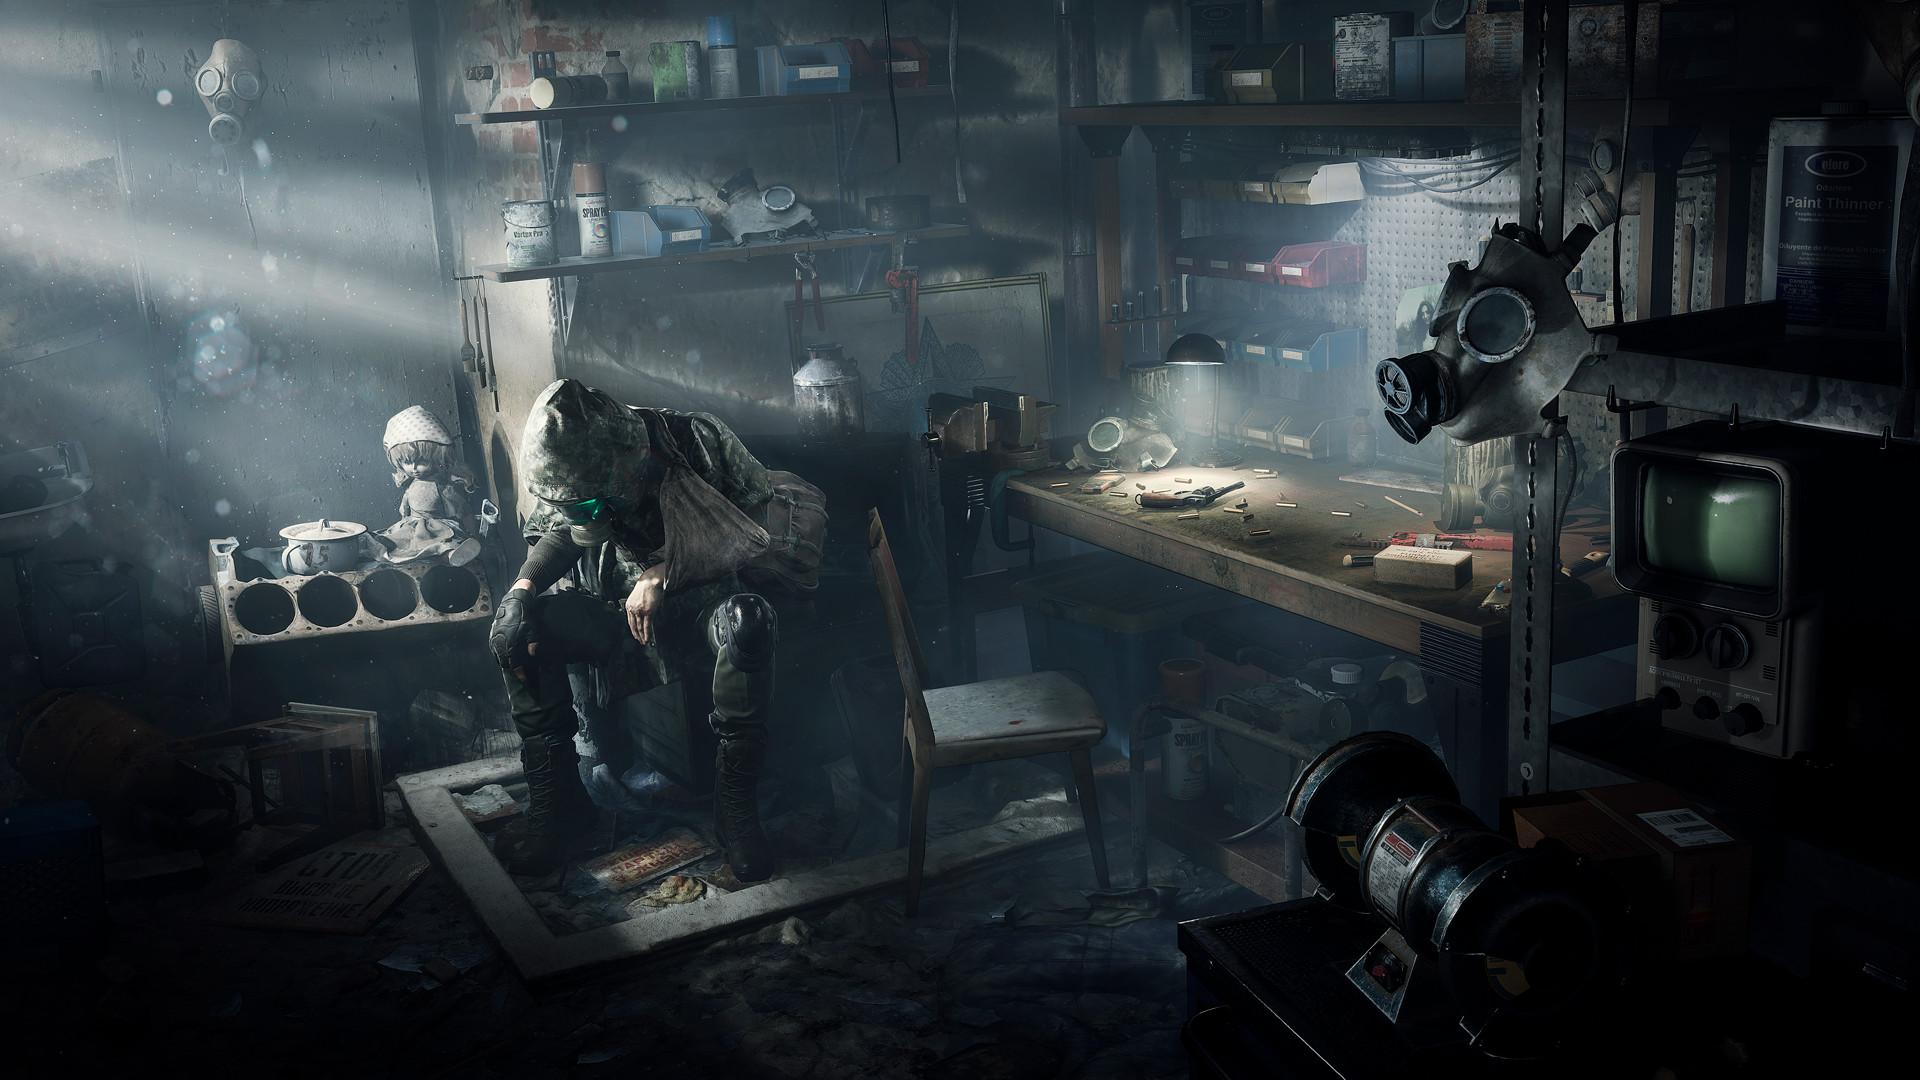 《切尔诺贝利人》登陆Steam抢先体验 首发获得特别好评